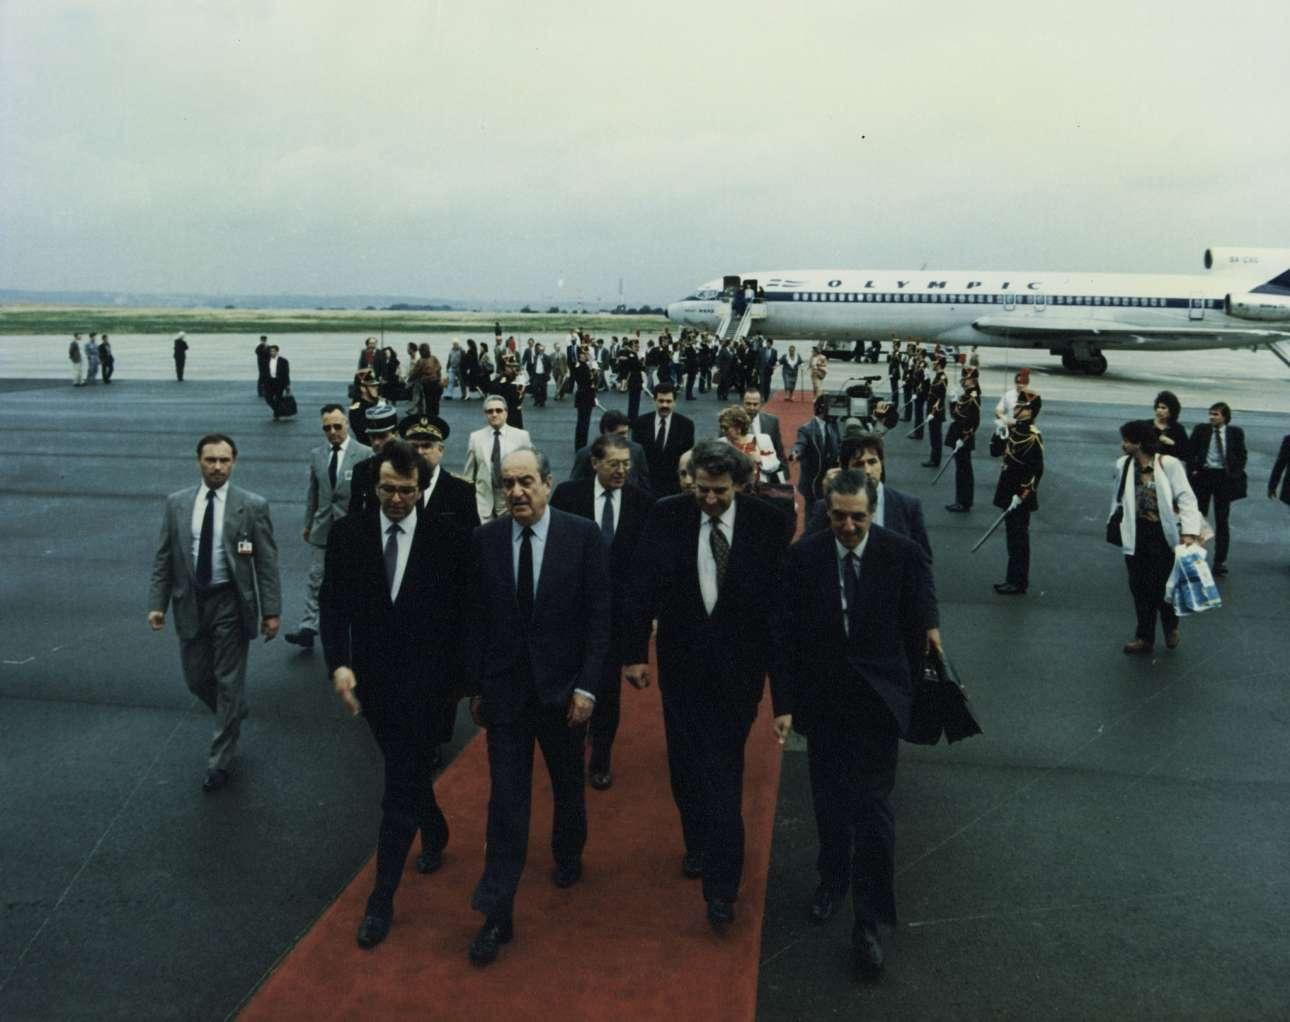 Αφιξη του Κωνσταντίνου Μητσοτάκη στο Παρίσι για επίσημη επίσκεψη, Ιούνιος του 1990. Αριστερά του ο τότε υπ. Εξωτερικών Αντώνης Σαμαράς. Δεξιά του Μίκης Θεοδωράκης, τότε υπουργός Ανευ Χαρτοφυλακίου